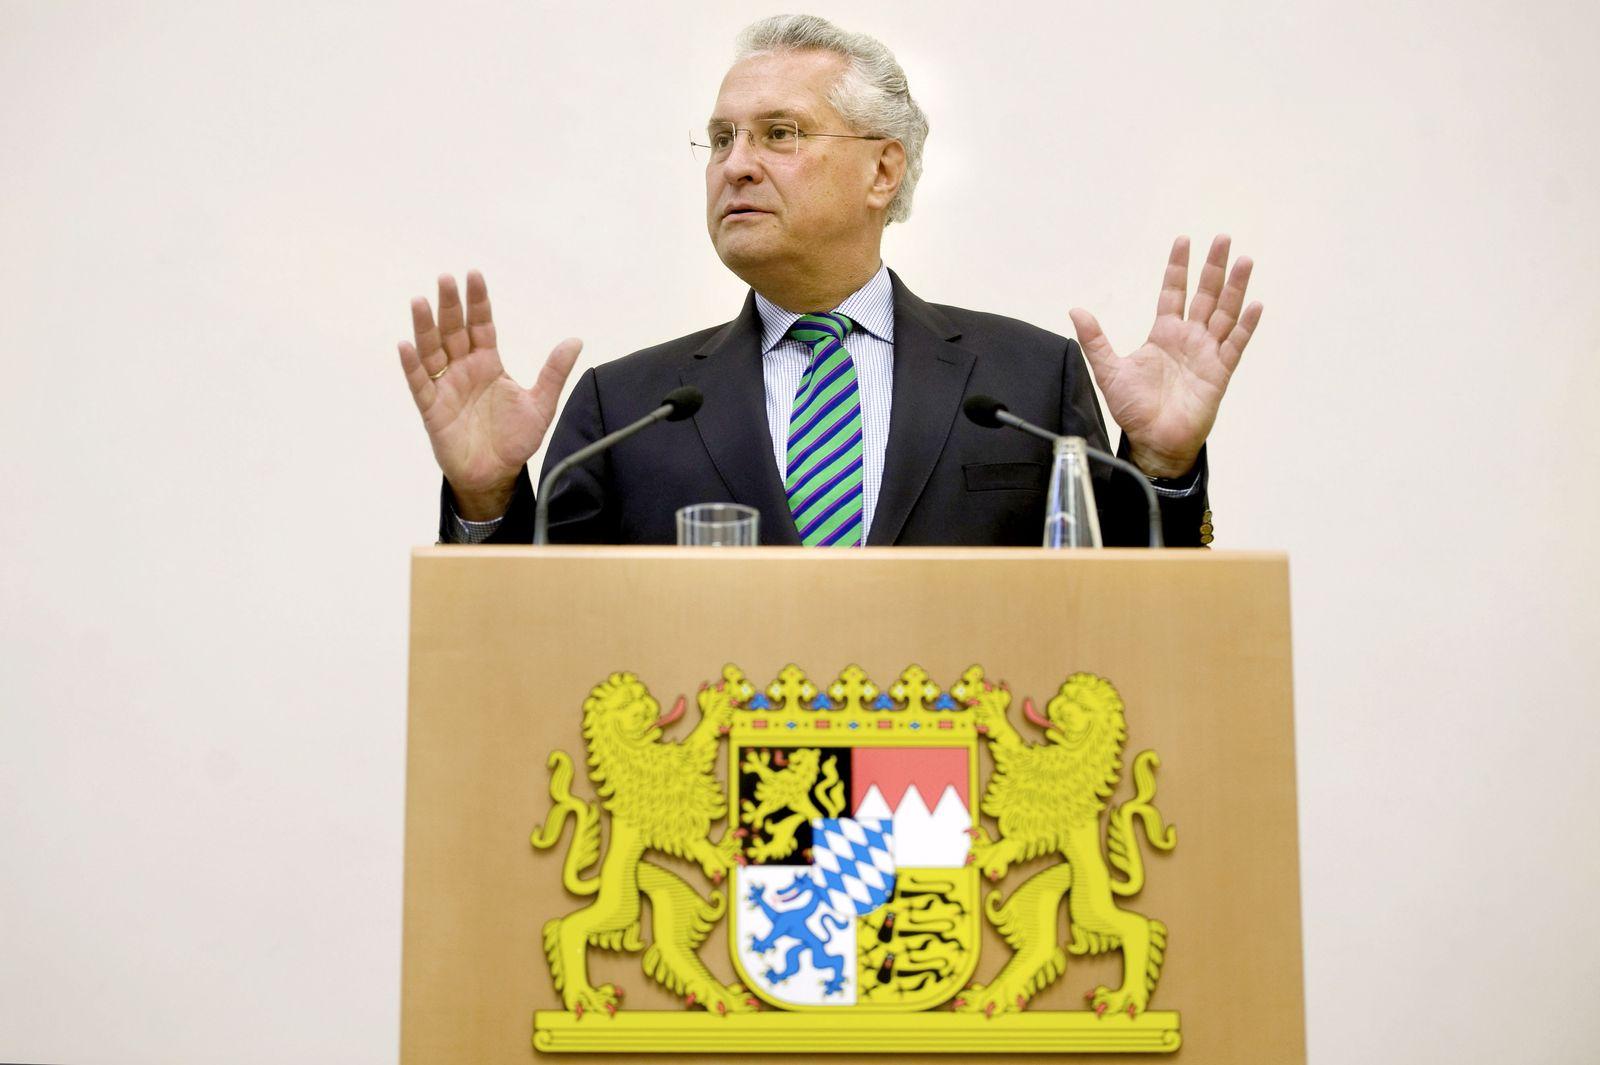 NICHT VERWENDEN Bayerns Innenminister Joachim Herrmann